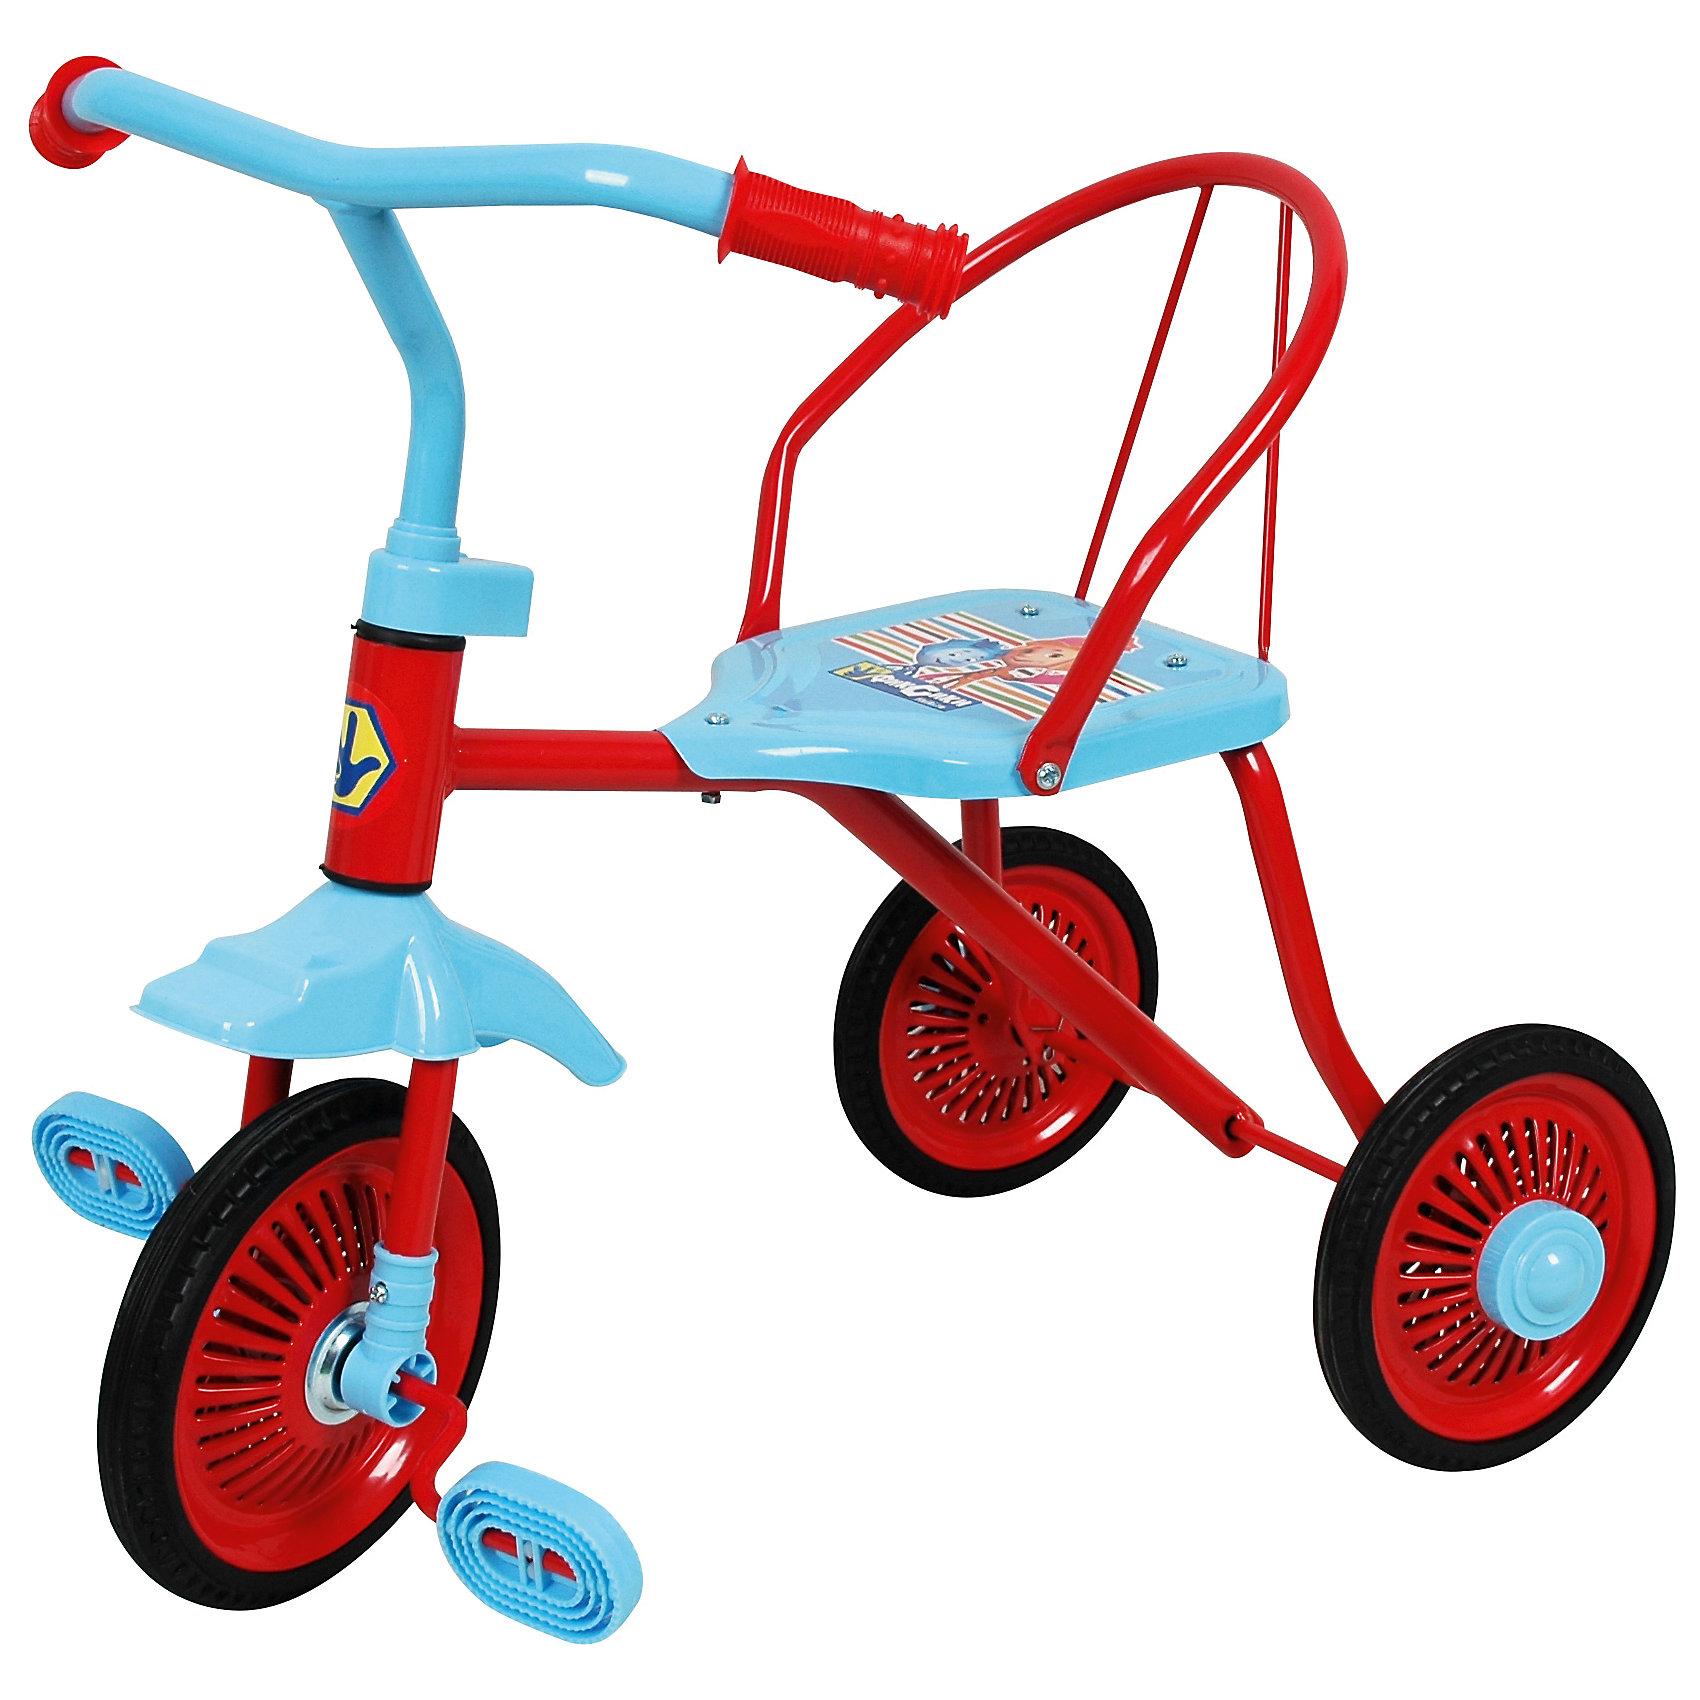 Велосипед трехколесный Фиксики, 1ToyВелосипеды детские<br>Велосипед трехколесный Фиксики, 1Toy – это замечательный, яркий и необычный велосипед для активных малышей.<br>Трехколесный велосипед Фиксики 1Toy – это лёгкий детский велосипед для малышей, украшенный изображением персонажей популярного детского мультсериала Фиксики. Он станет отличным спутником вашего малыша на летний период и будет способствовать развитию координации движений и ловкости. С таким велосипедом прогулки на улице станут еще интереснее и веселее. Модель снабжена трехколесным шасси, что гарантирует отличную устойчивость при передвижении по твердым и неровным поверхностям. Также конструкцией велосипеда предусмотрено сиденье со спинкой.<br><br>Дополнительная информация:<br><br>- Возраст: от 1,5 лет<br>- Максимальный вес ребенка: 20 кг.<br>- Для детей ростом от 80-85 см.<br>- Размер: 55х58х62 см.<br>- Высота руля: 62 см.<br>- Высота сиденья: 30 см.<br>- Высота спинки: 20 см.<br>- Облегчённая металлическая рама<br>- Диаметр колес: переднее 9 дюймов, задние 8 дюймов<br>- Материал: металл, пластик<br>- Размеры упаковки: 80,5 x 17 x 36,5 см.<br>- Вес: 3 кг.<br><br>Велосипед трехколесный Фиксики, 1Toy можно купить в нашем интернет-магазине.<br><br>Ширина мм: 805<br>Глубина мм: 170<br>Высота мм: 365<br>Вес г: 3167<br>Возраст от месяцев: 48<br>Возраст до месяцев: 72<br>Пол: Унисекс<br>Возраст: Детский<br>SKU: 4655131